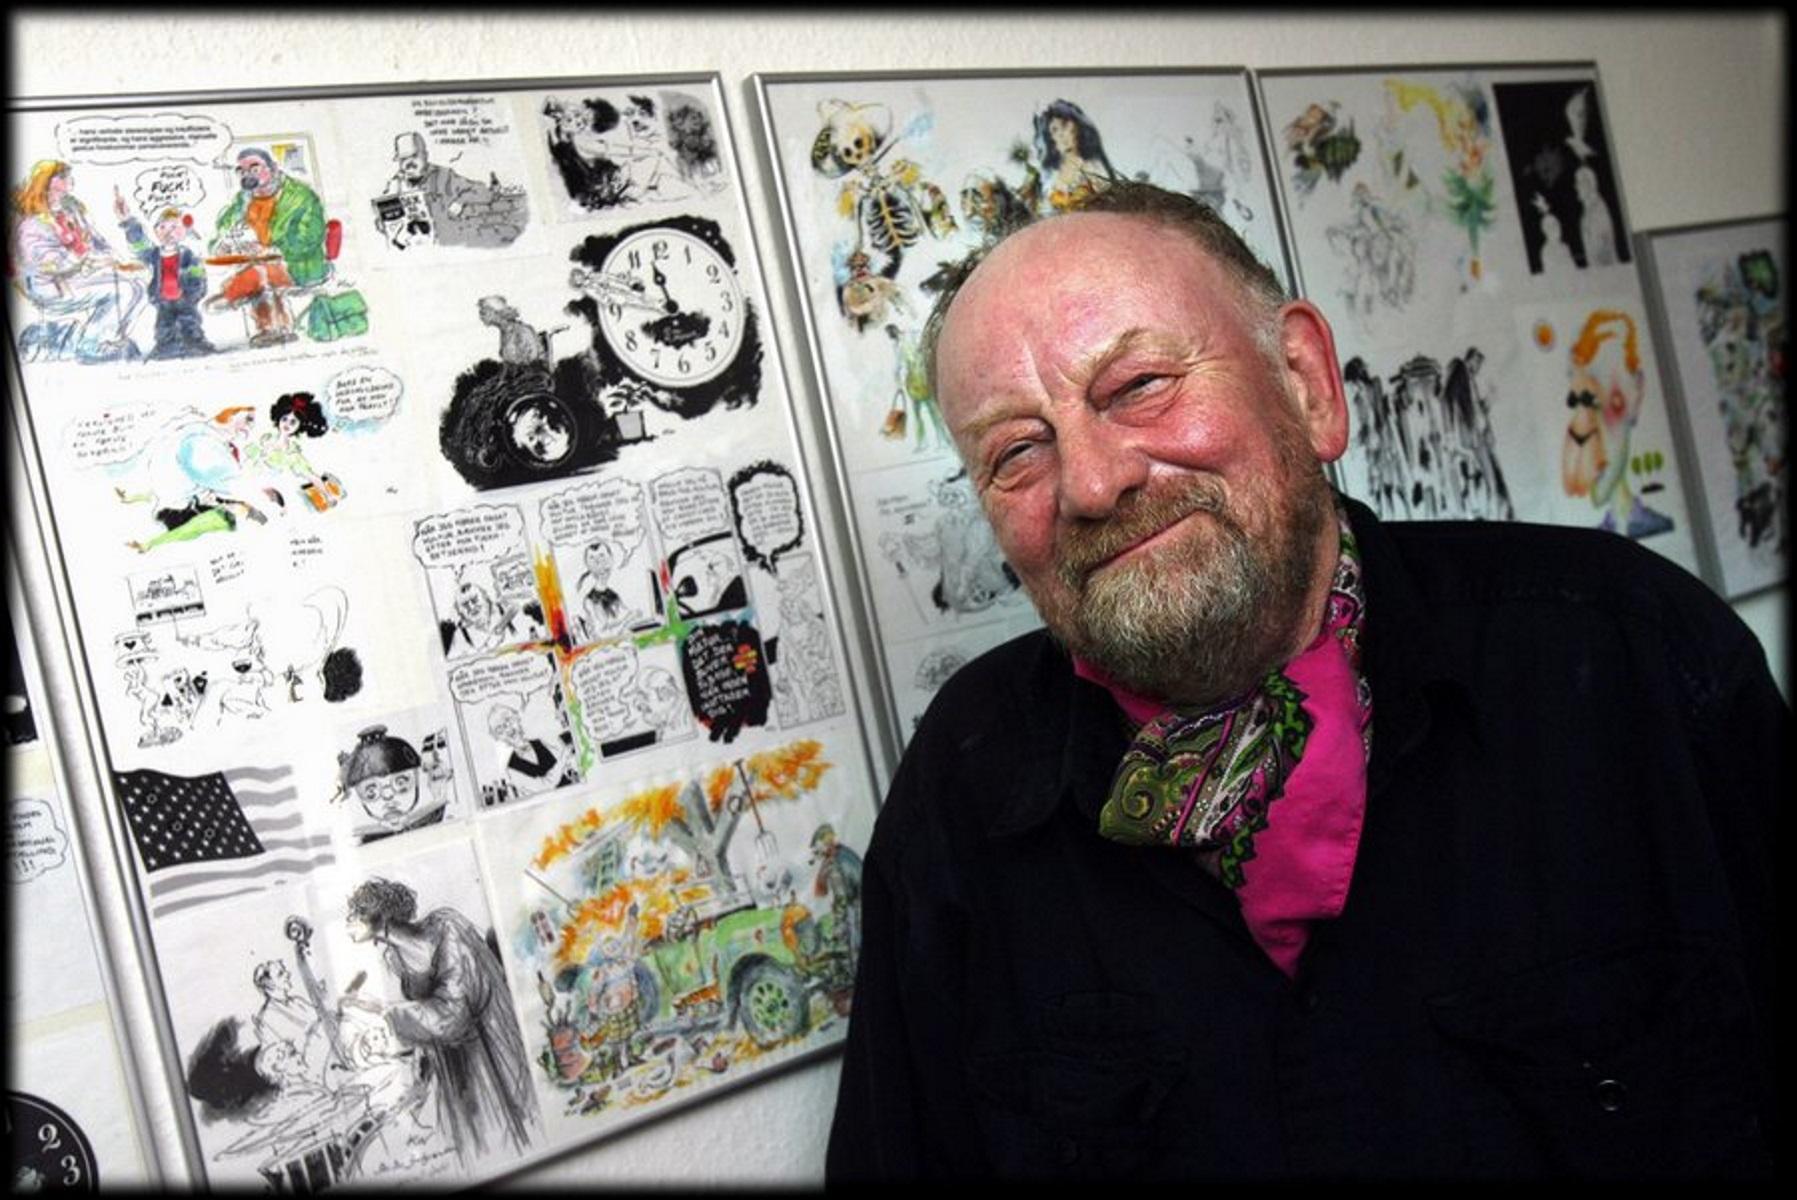 Πέθανε ο Δανός σκιτσογράφος Κουρτ Βέστεργκααρντ που είχε σχεδιάσει τα σκίτσα του Μωάμεθ